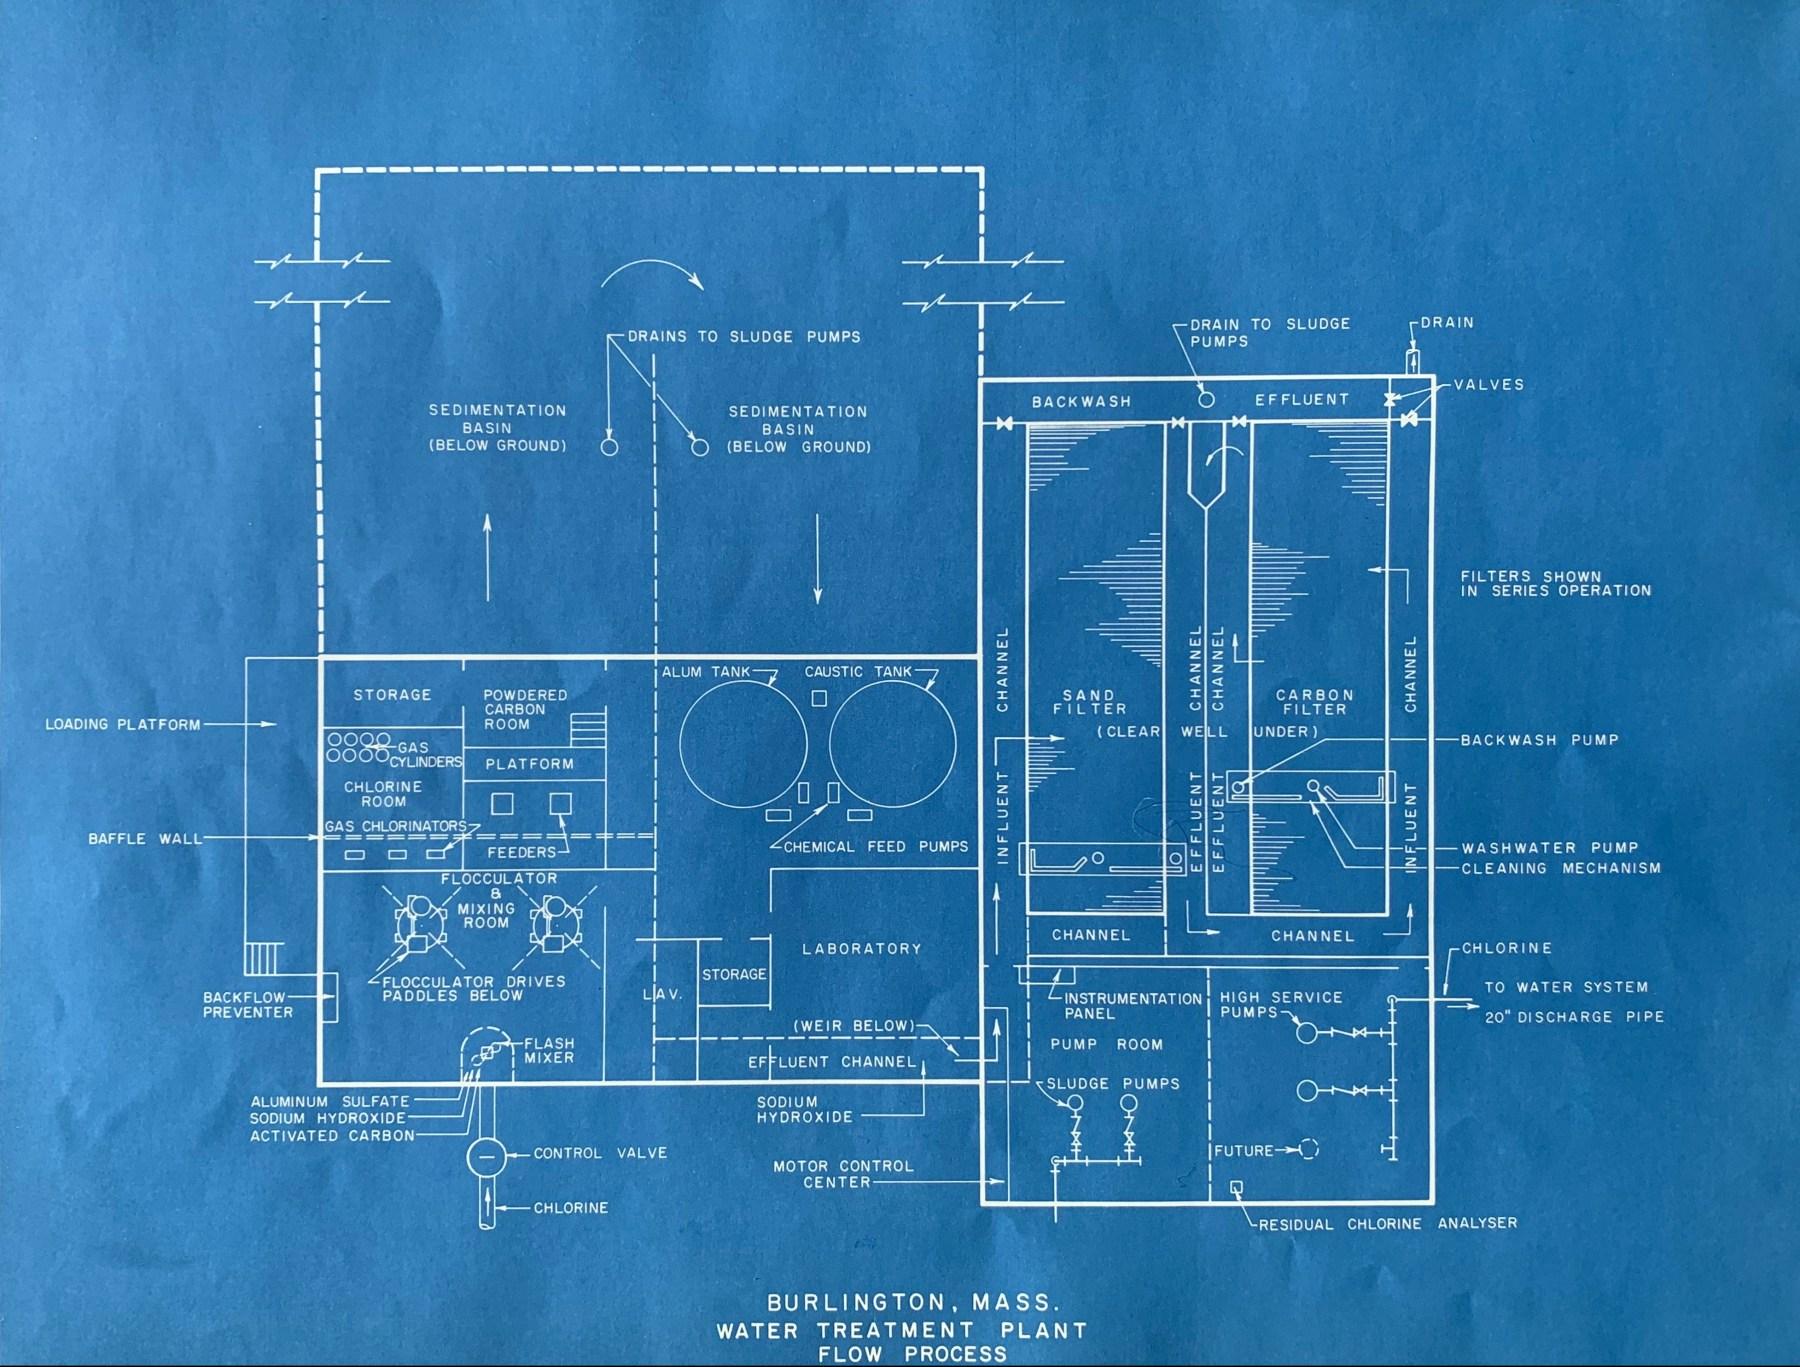 Water treatment plant flow schematic, Burlington MA